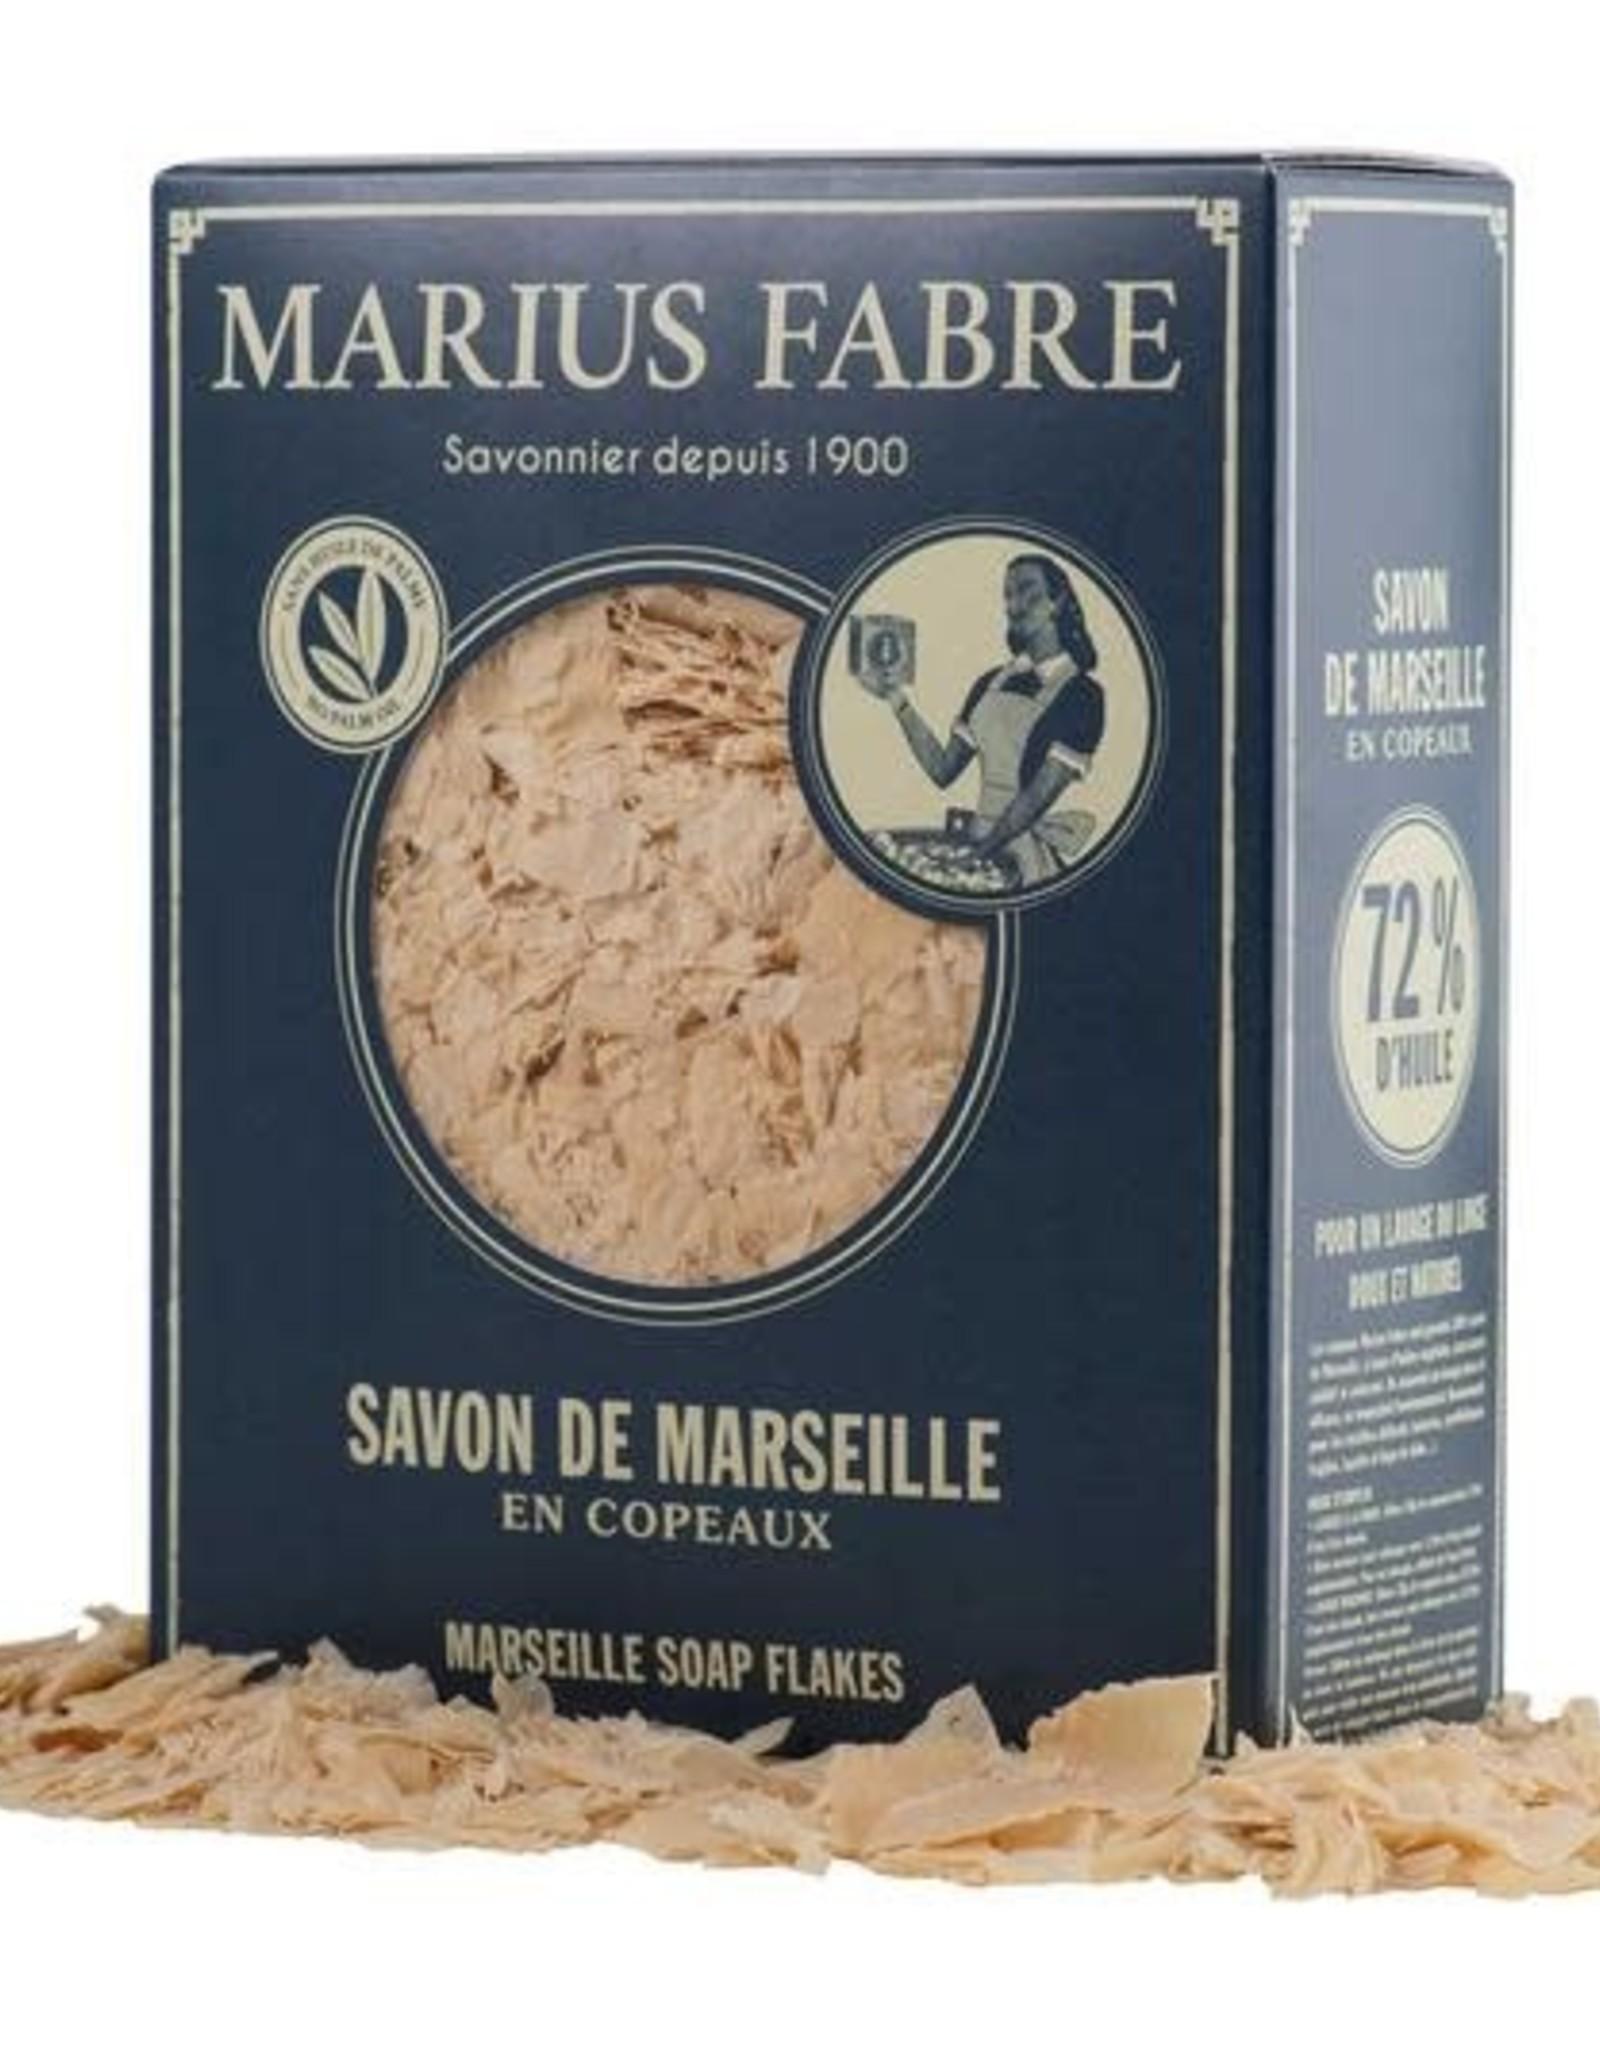 Marius Fabre Savon Marseille zeepvlokkendoos 750g